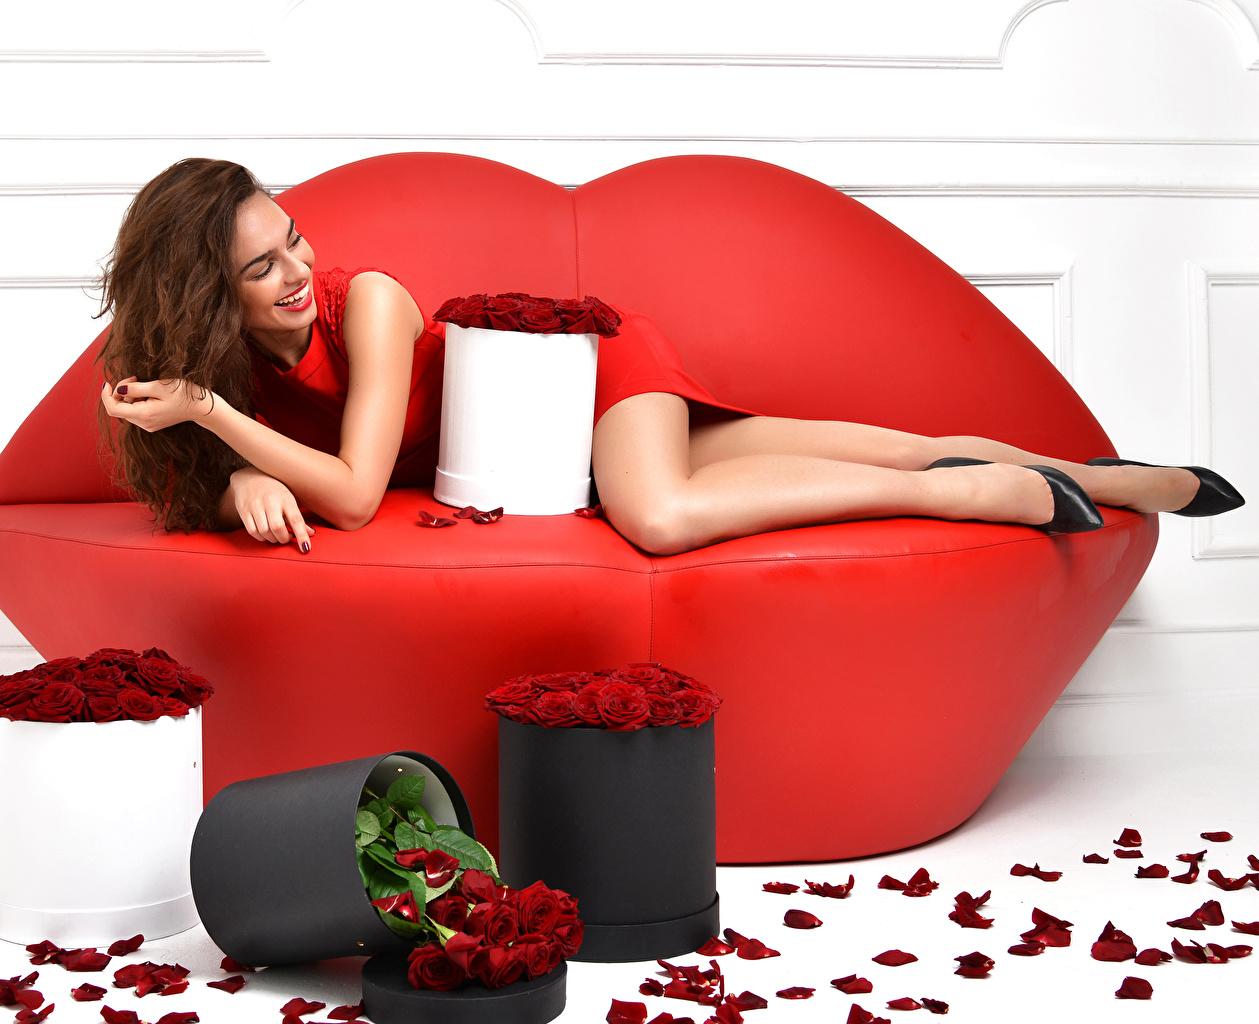 Картинка Шатенка улыбается Розы красных лепестков молодые женщины Диван шатенки Улыбка роза девушка Девушки Красный красные красная Лепестки молодая женщина диване